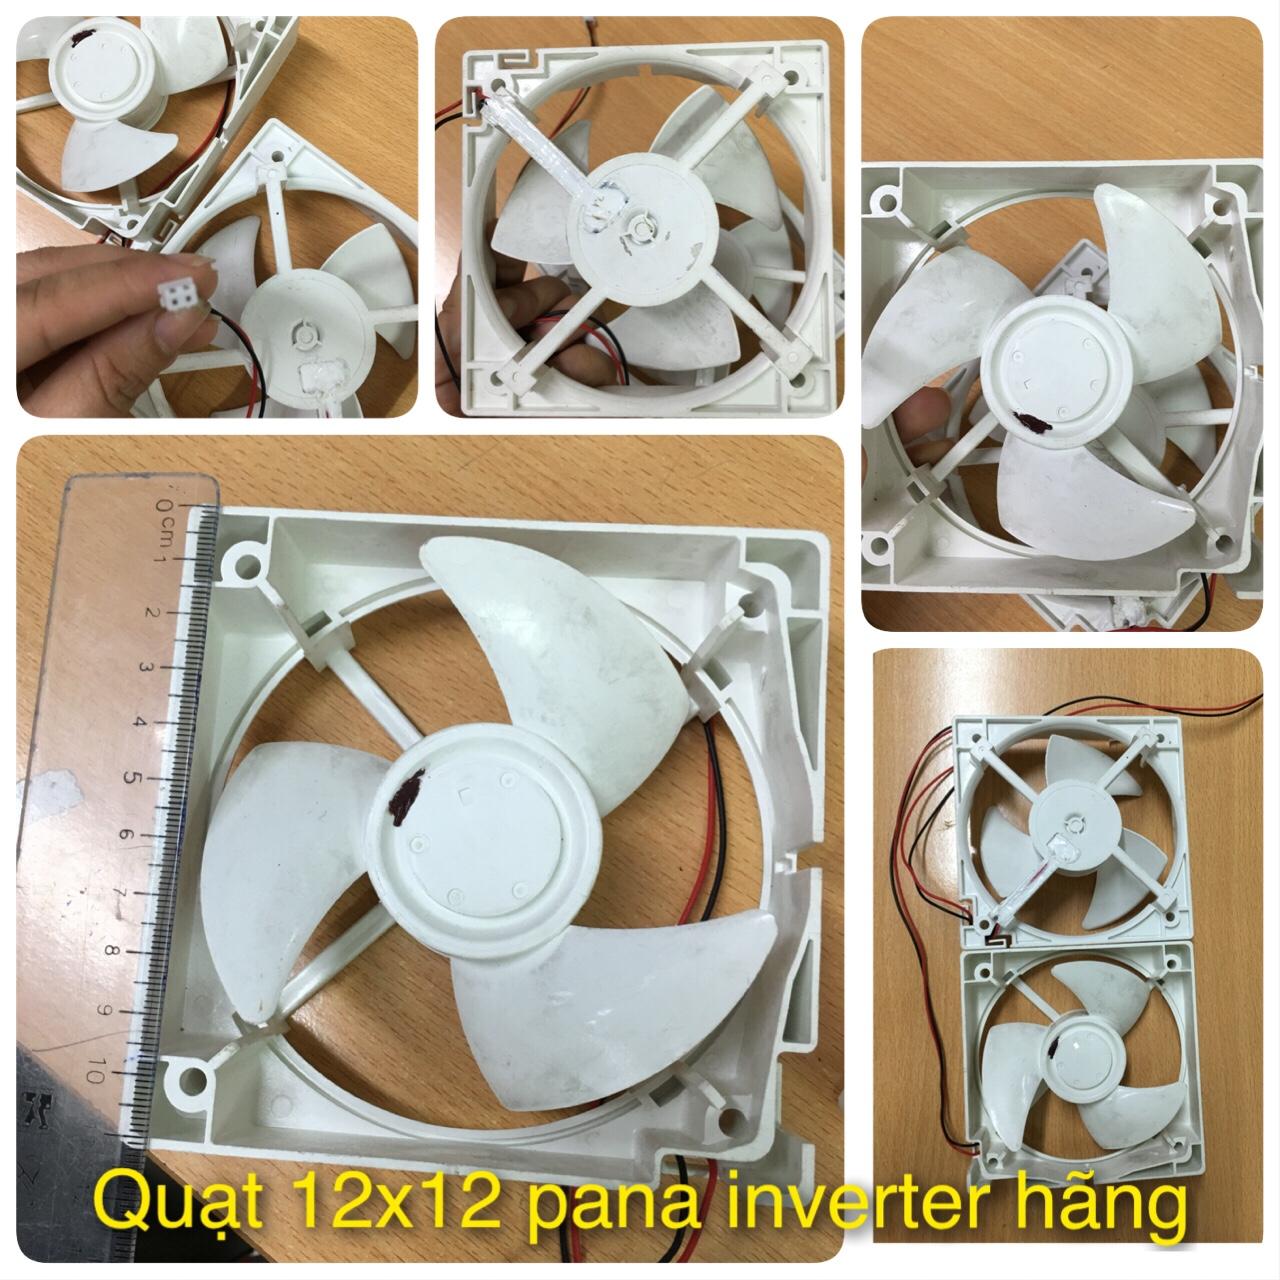 Quạt 12x12 Pana Inverter hãng